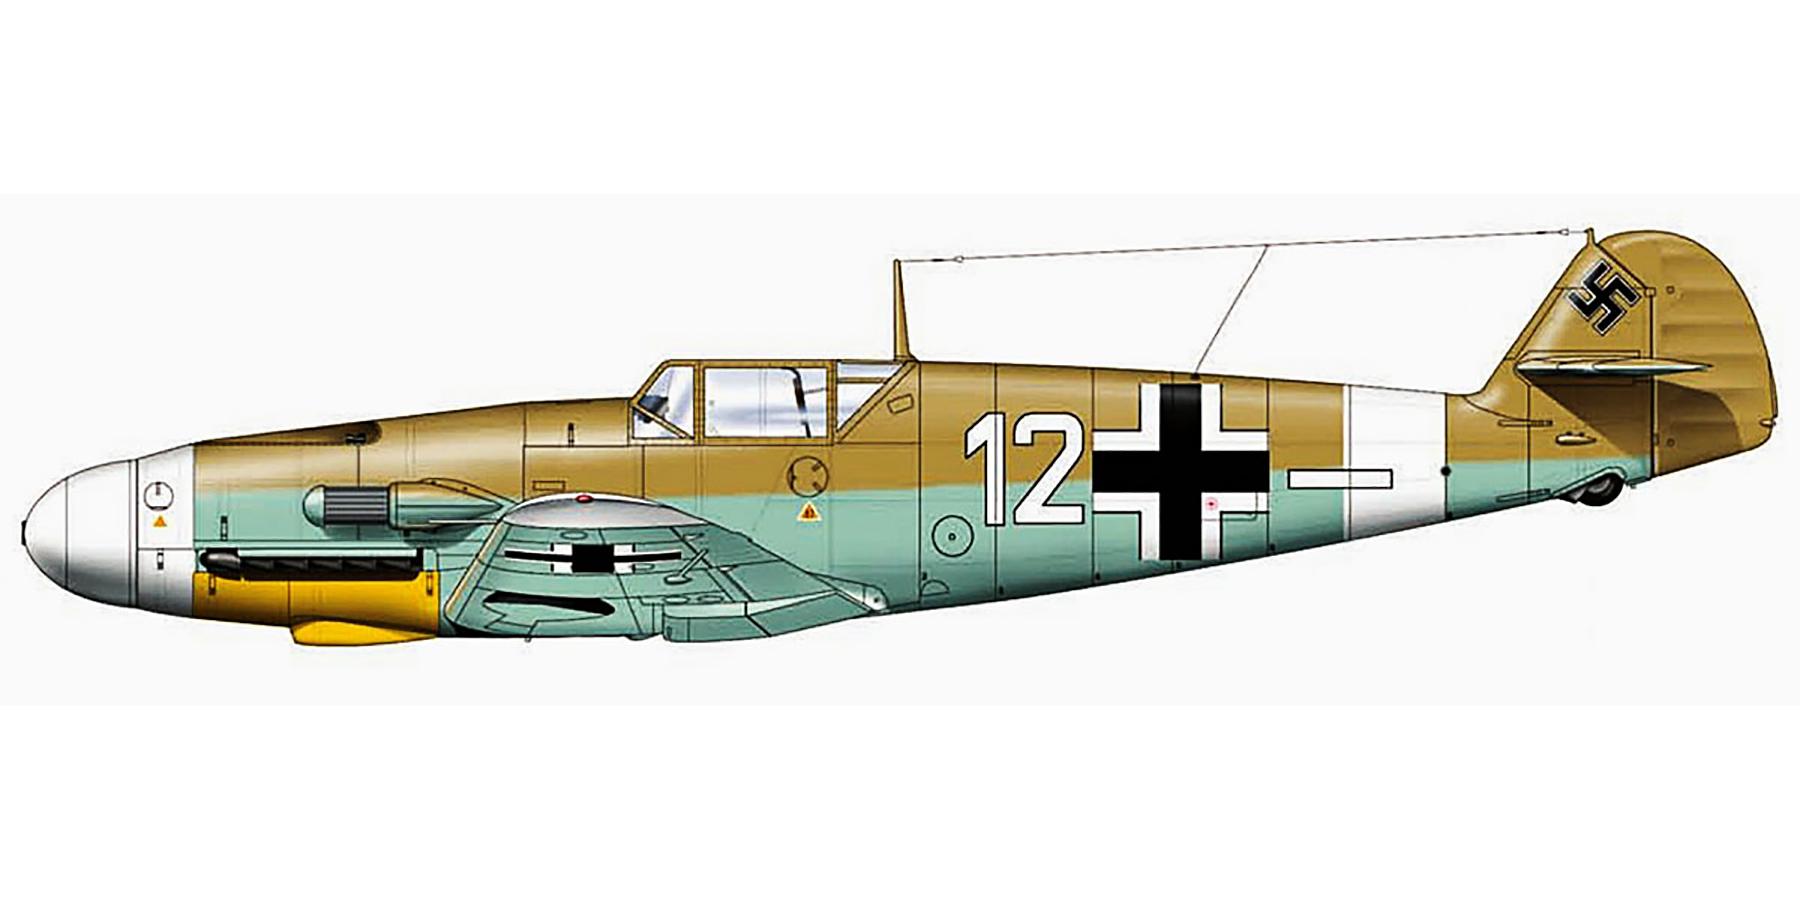 Messerschmitt Bf 109F4ZTrop 4.JG27 White 12 Franz Stigler Qutaifiya Egypt Aug 1942 0A